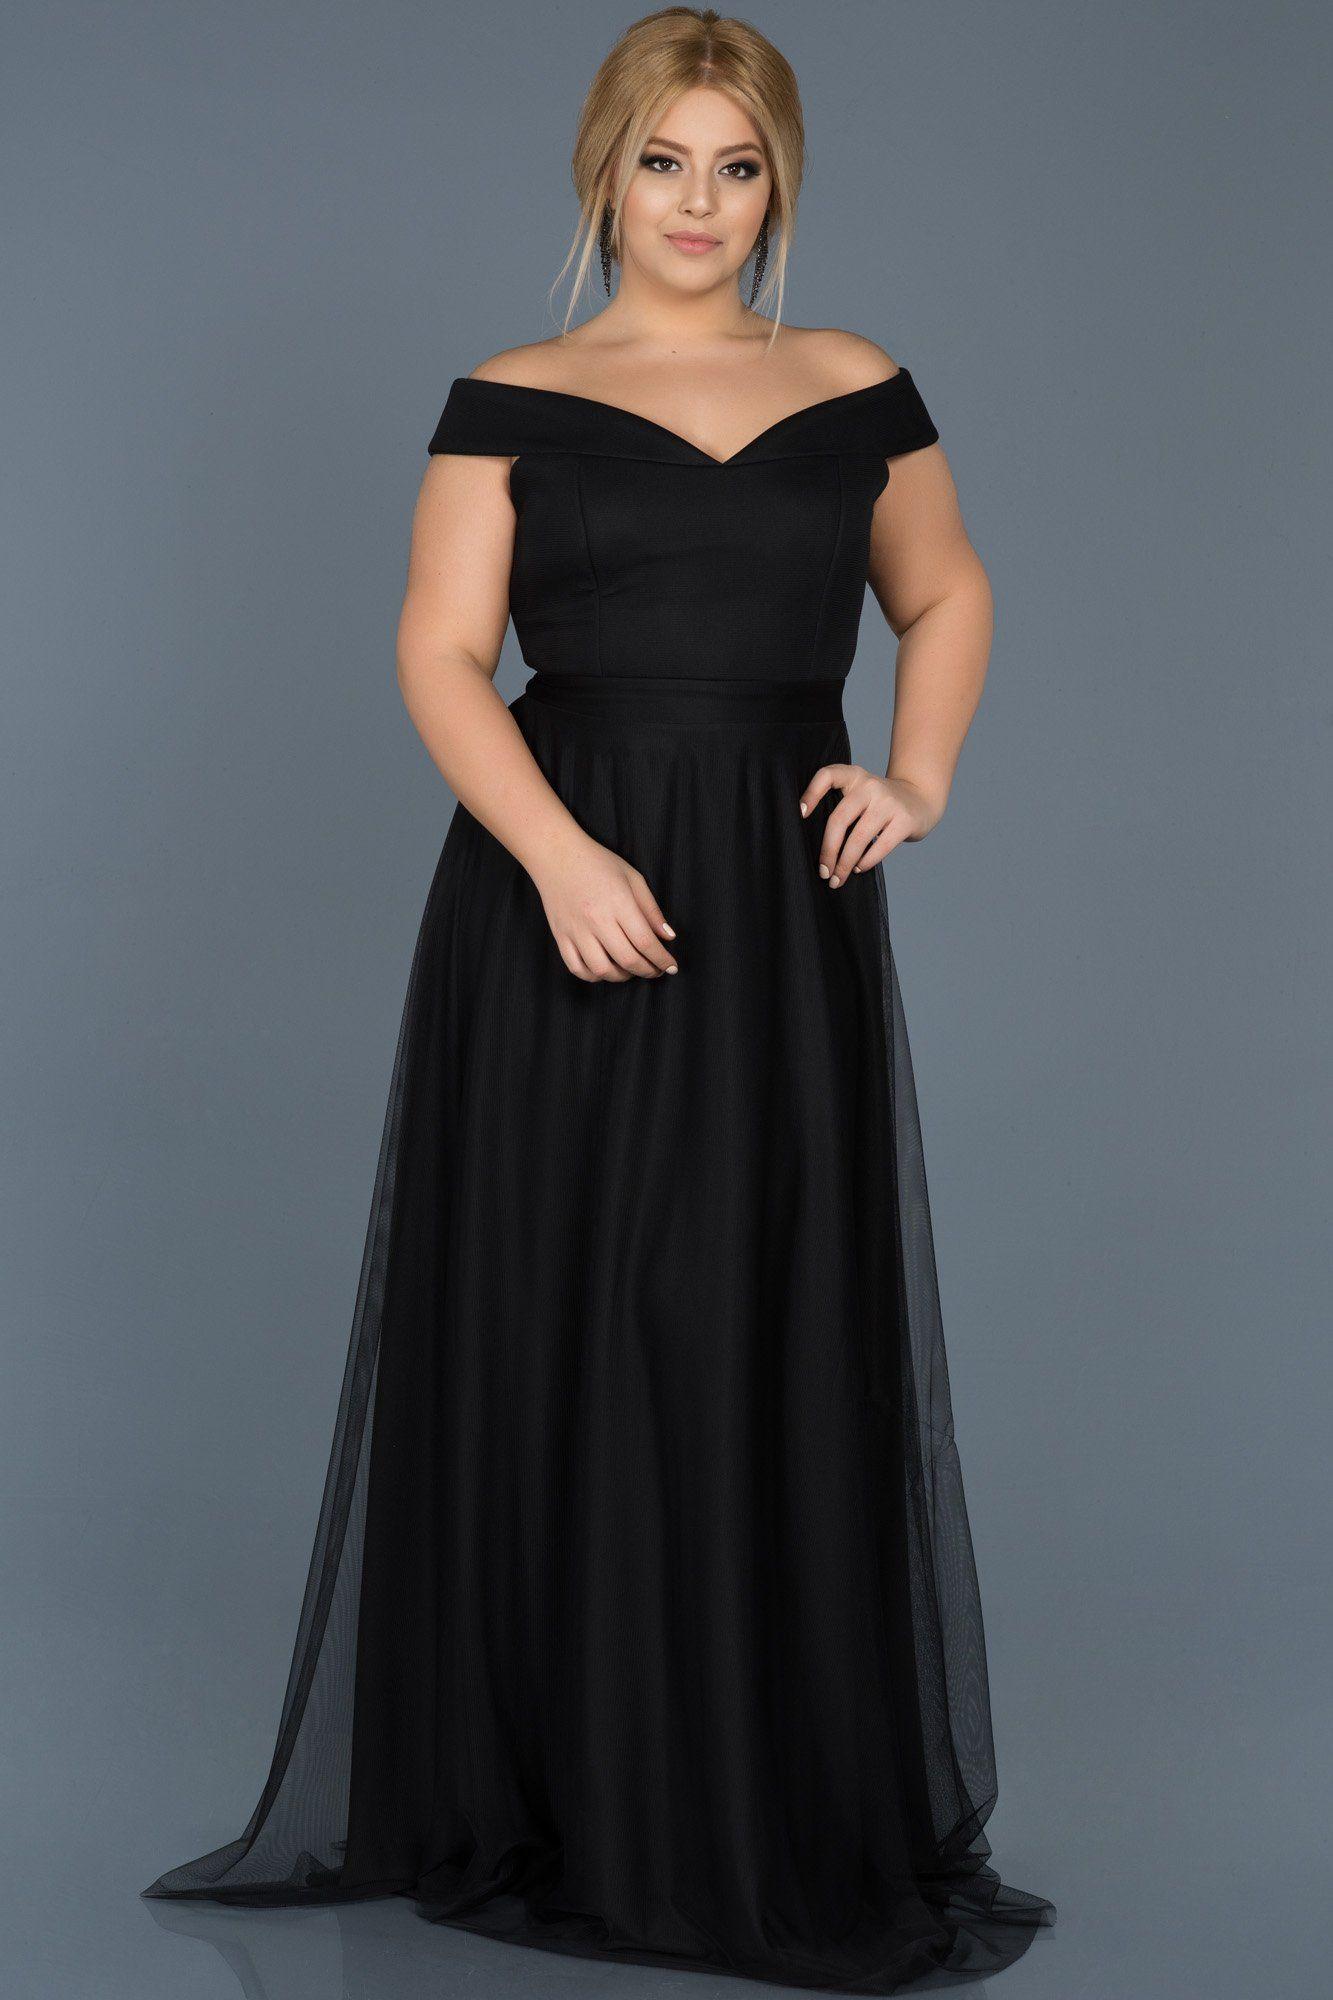 Siyah Kayik Yaka Buyuk Beden Elbise Abu020 Elbise Gelinlik Moda Stilleri